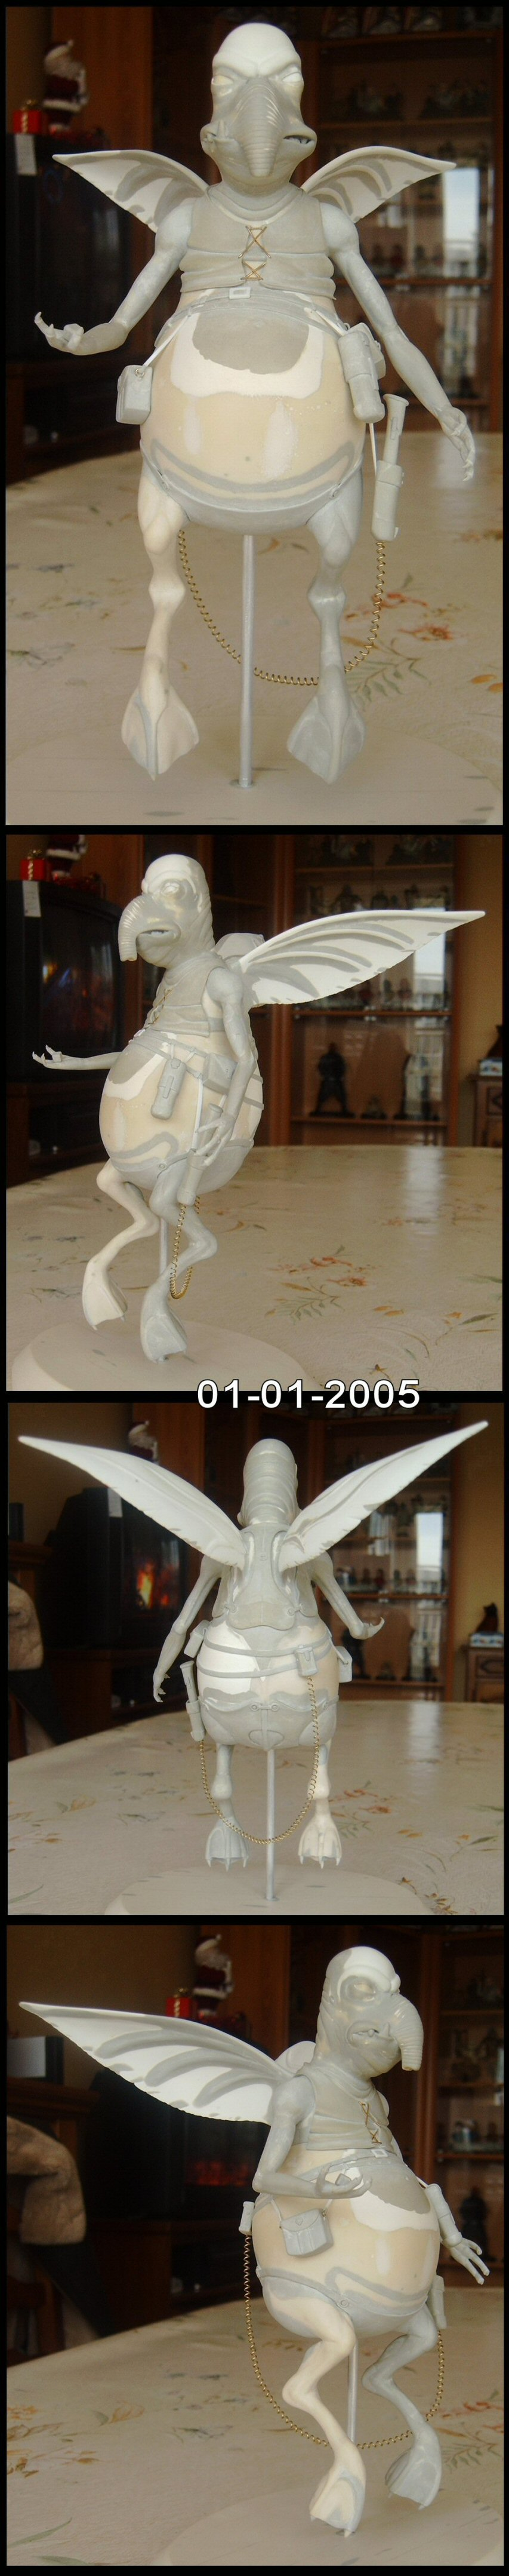 Atelier Neogarou : Watoo (Fini) Montage01-01-2005